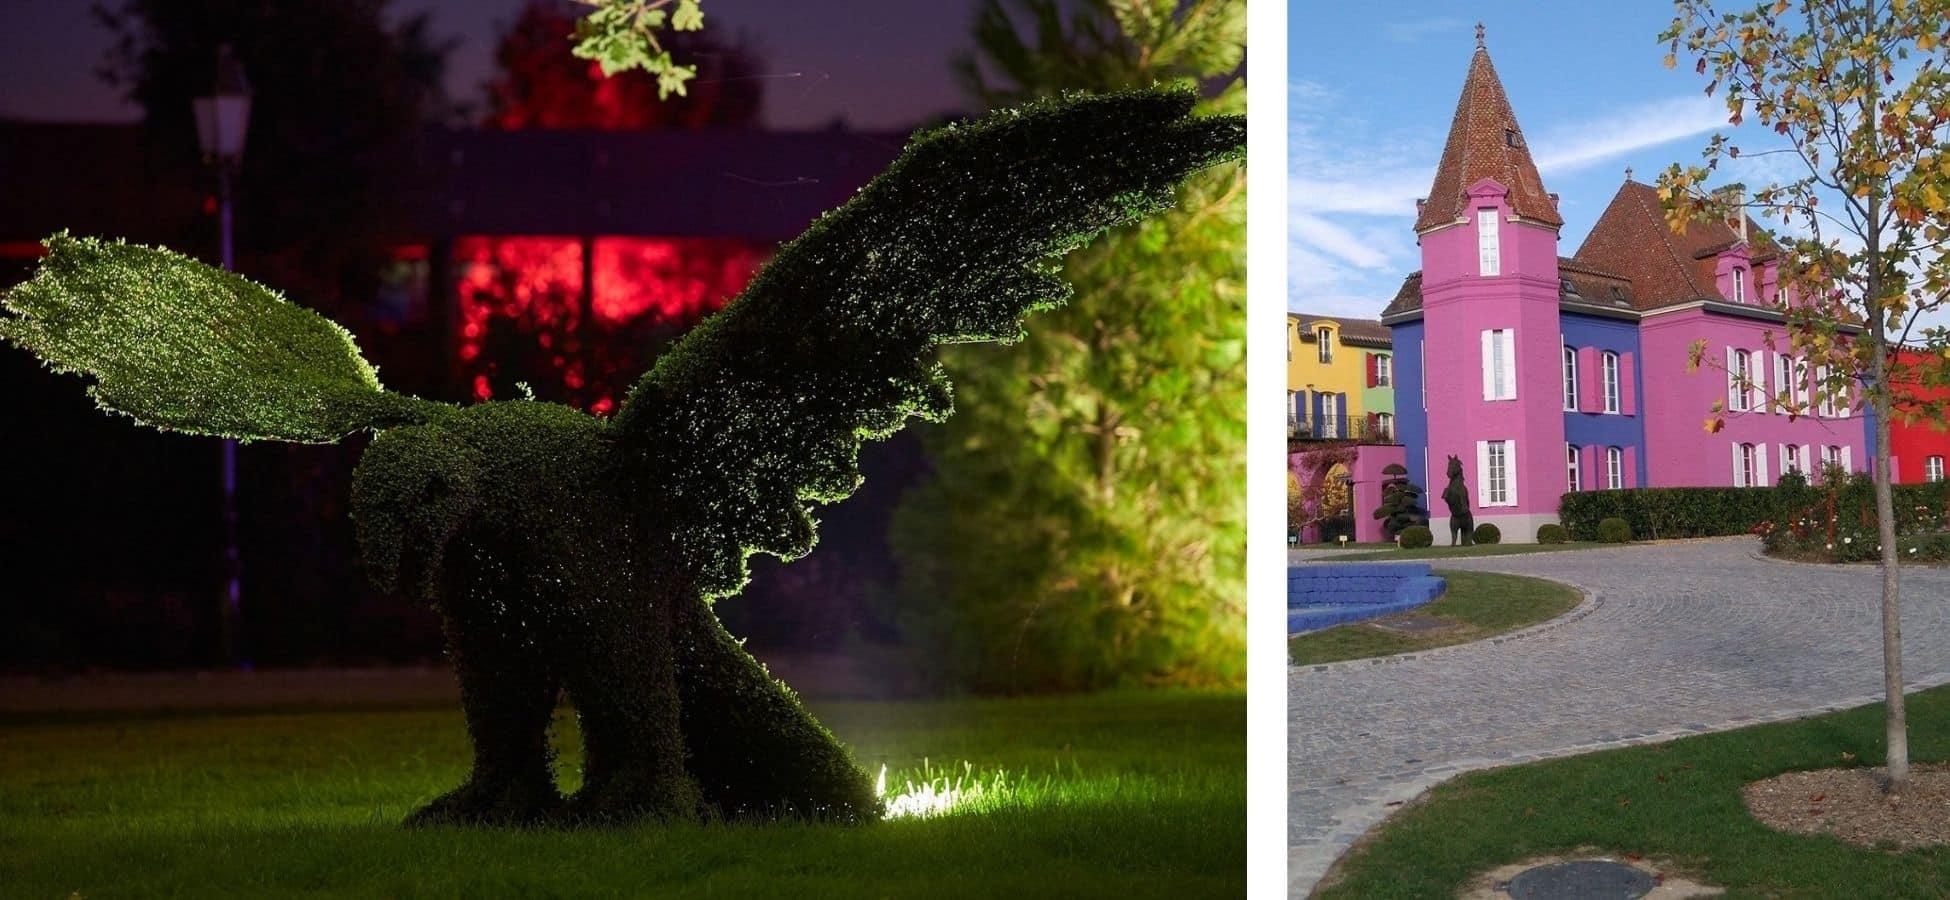 A gauche : une topiaire en forme d'aigle au Stelsia | a droite : le chateau Stelsia